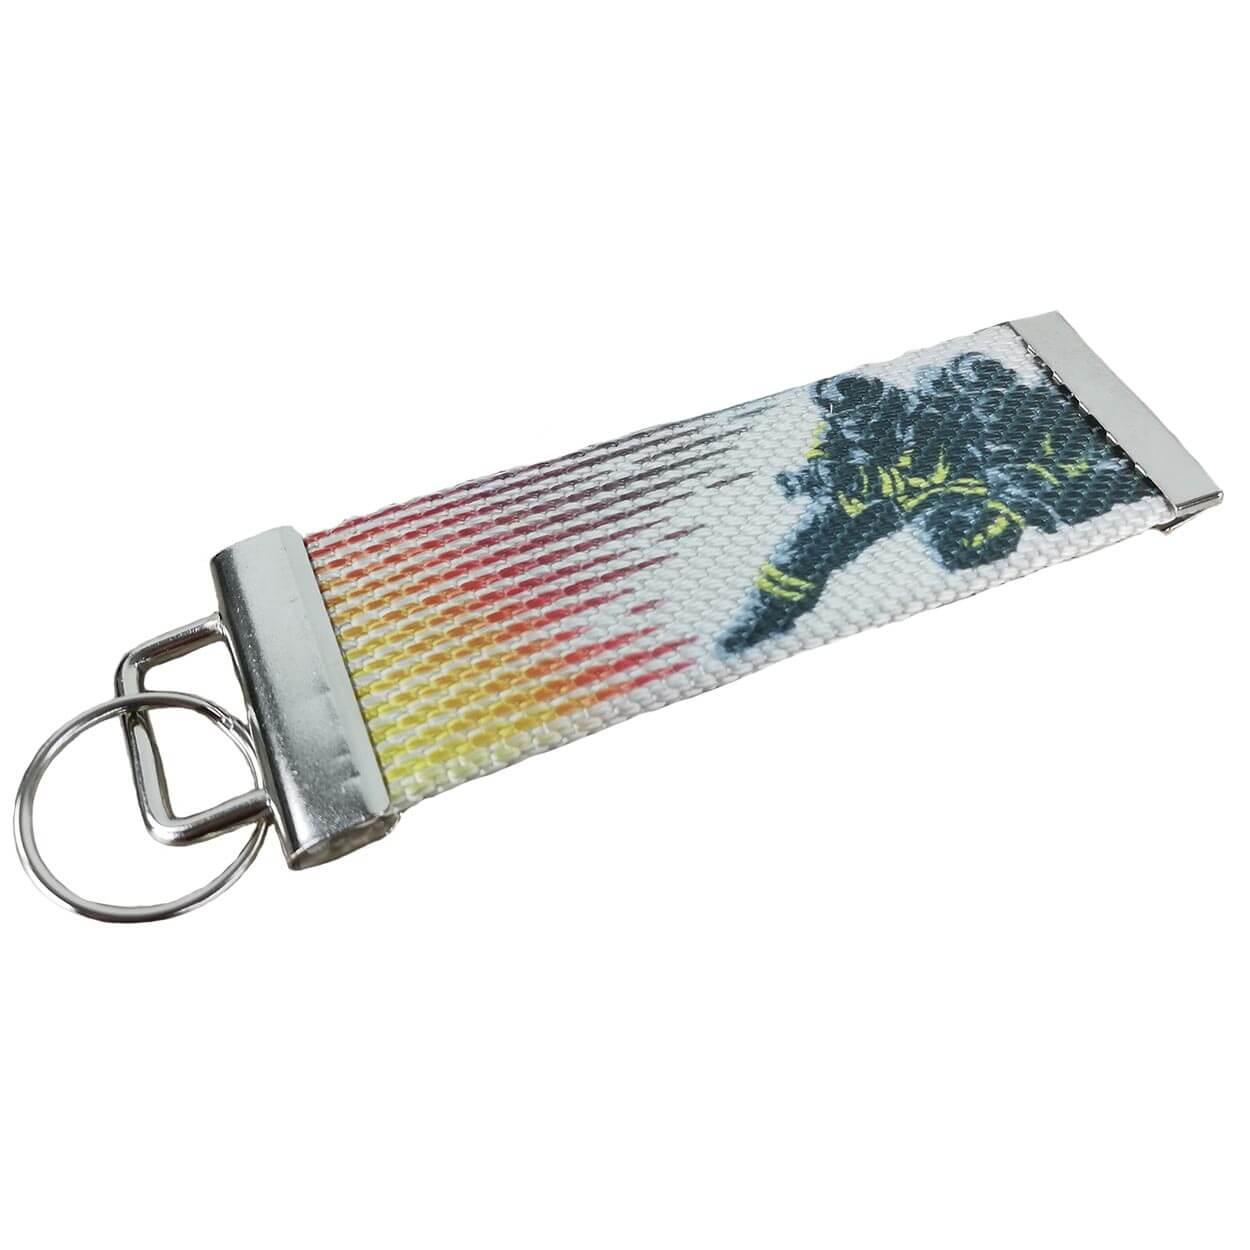 Angriffslustig® Feuerwehrschlüsselanhänger